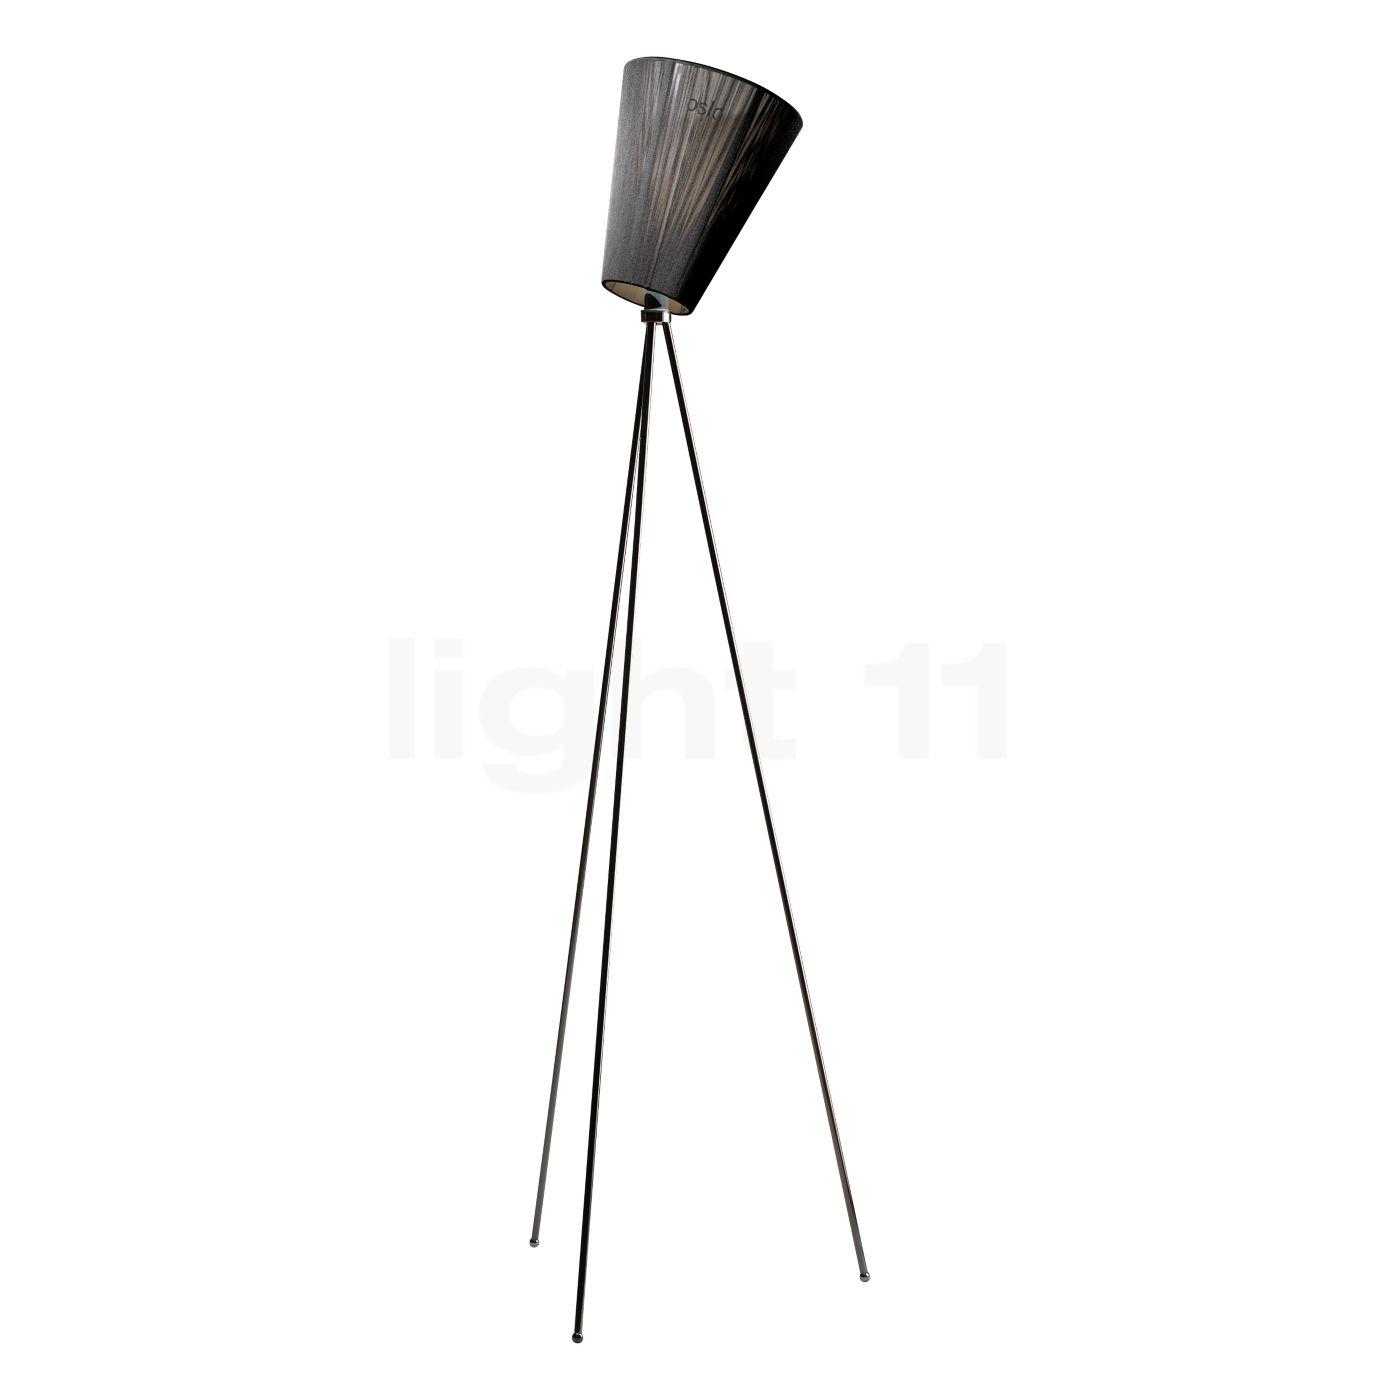 Northern Oslo Wood Stehleuchte, schwarz/schwarz | Lampen > Stehlampen > Standleuchten | Northern